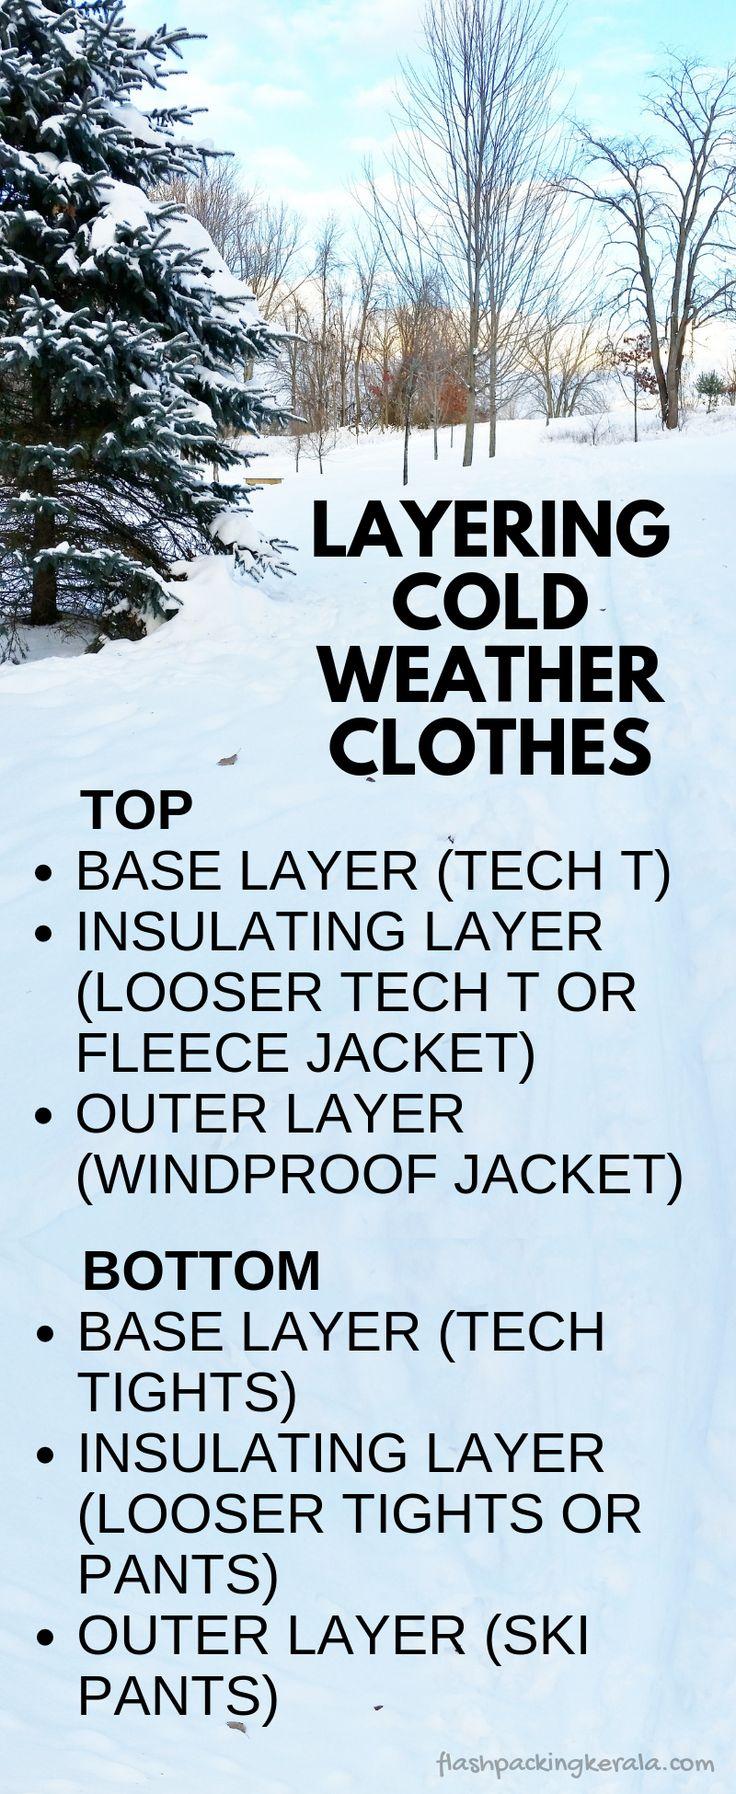 Como colocar roupas em camadas para o clima frio: dicas de férias de inverno. Equipamento de viagem ao ar livre   – Hiking